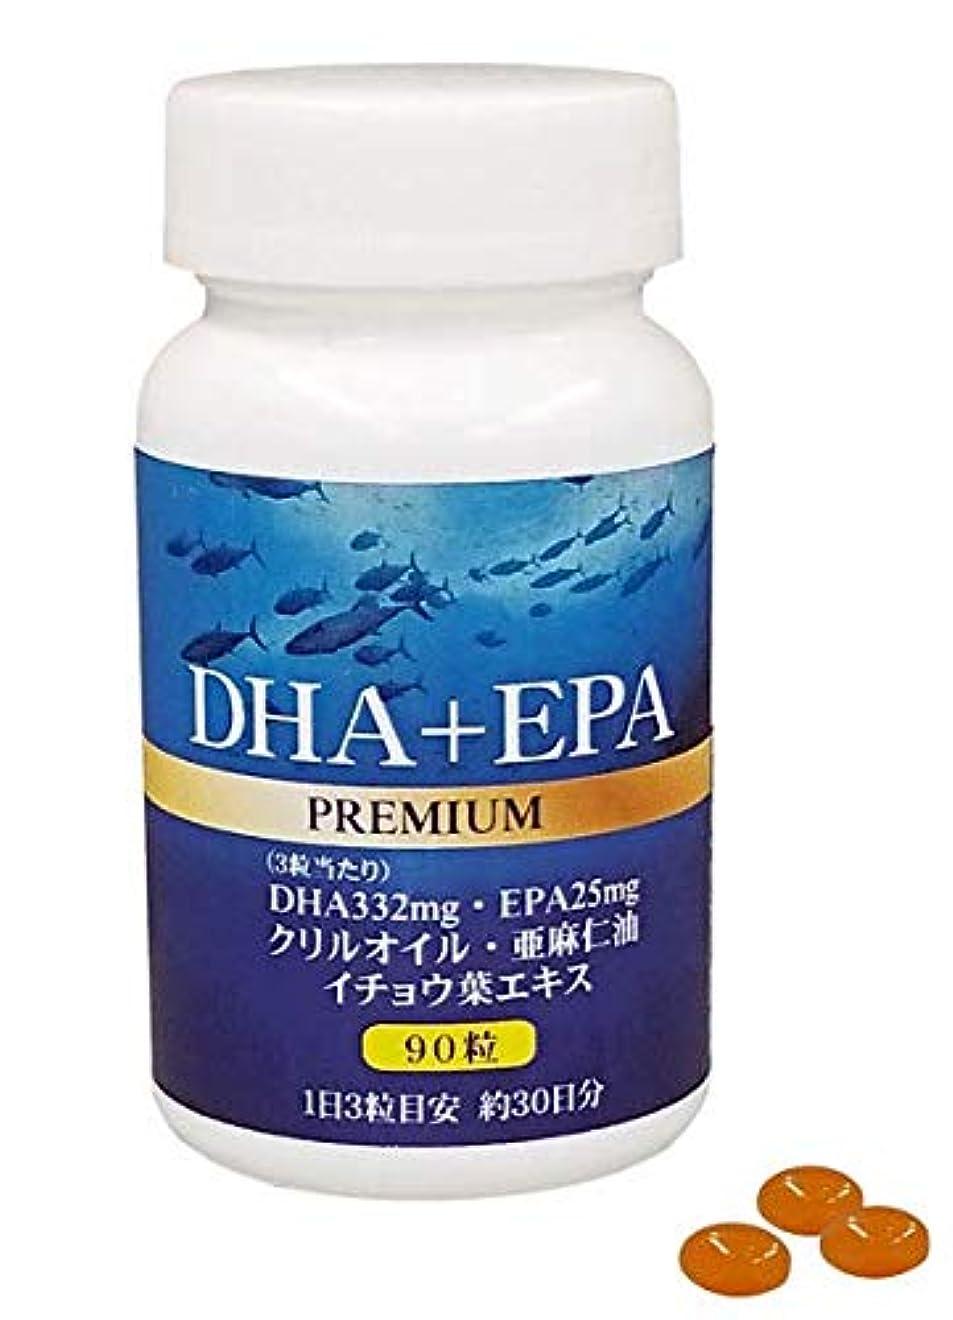 責め遅れ蚊3個でお得!健康食品 天然マグロのDHA&EPA+スーパービタミンE